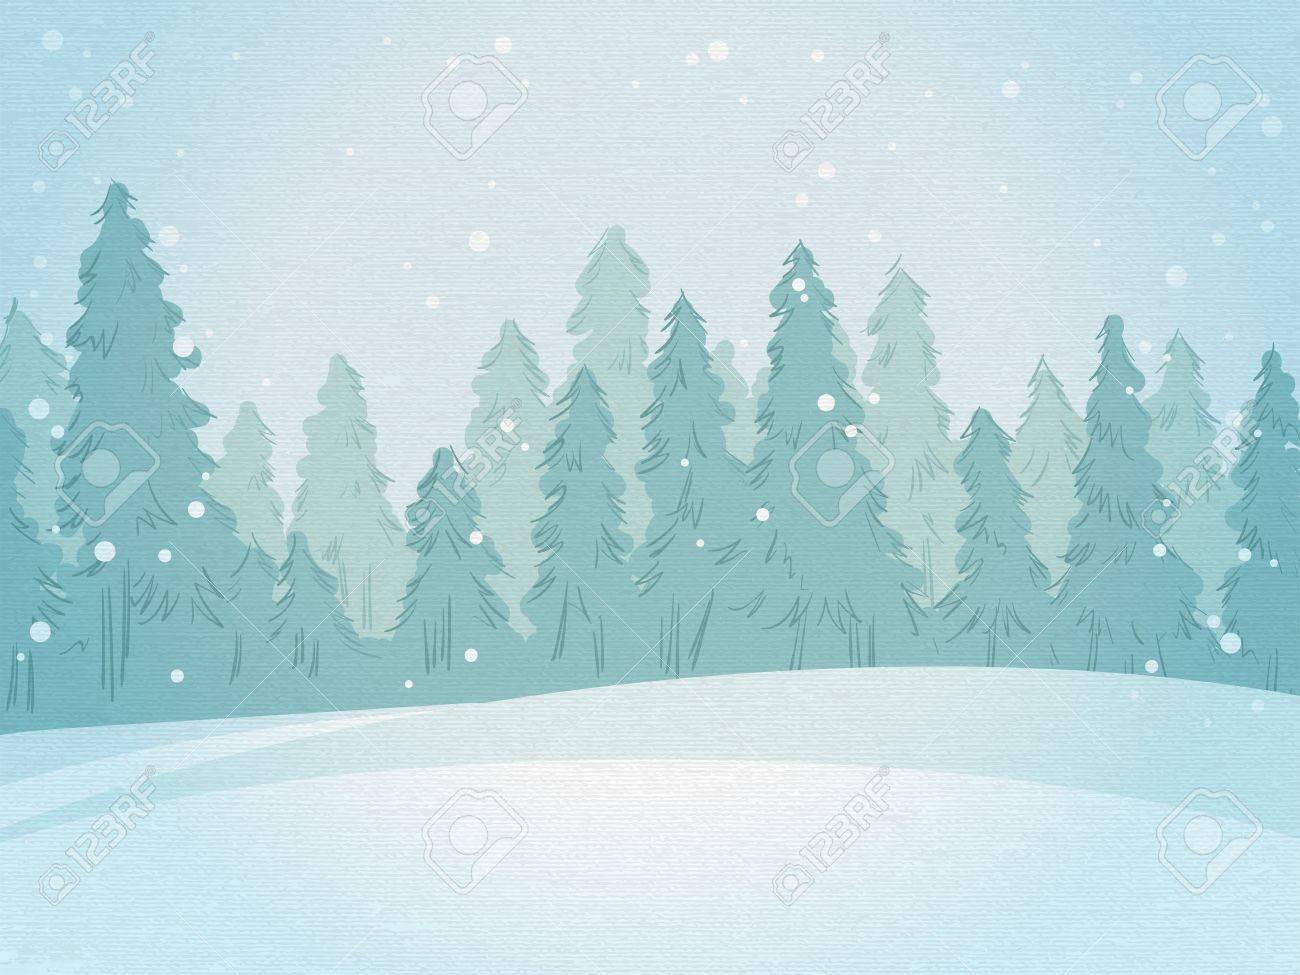 Vintage winter forest landscape. horizontal background - 33025408